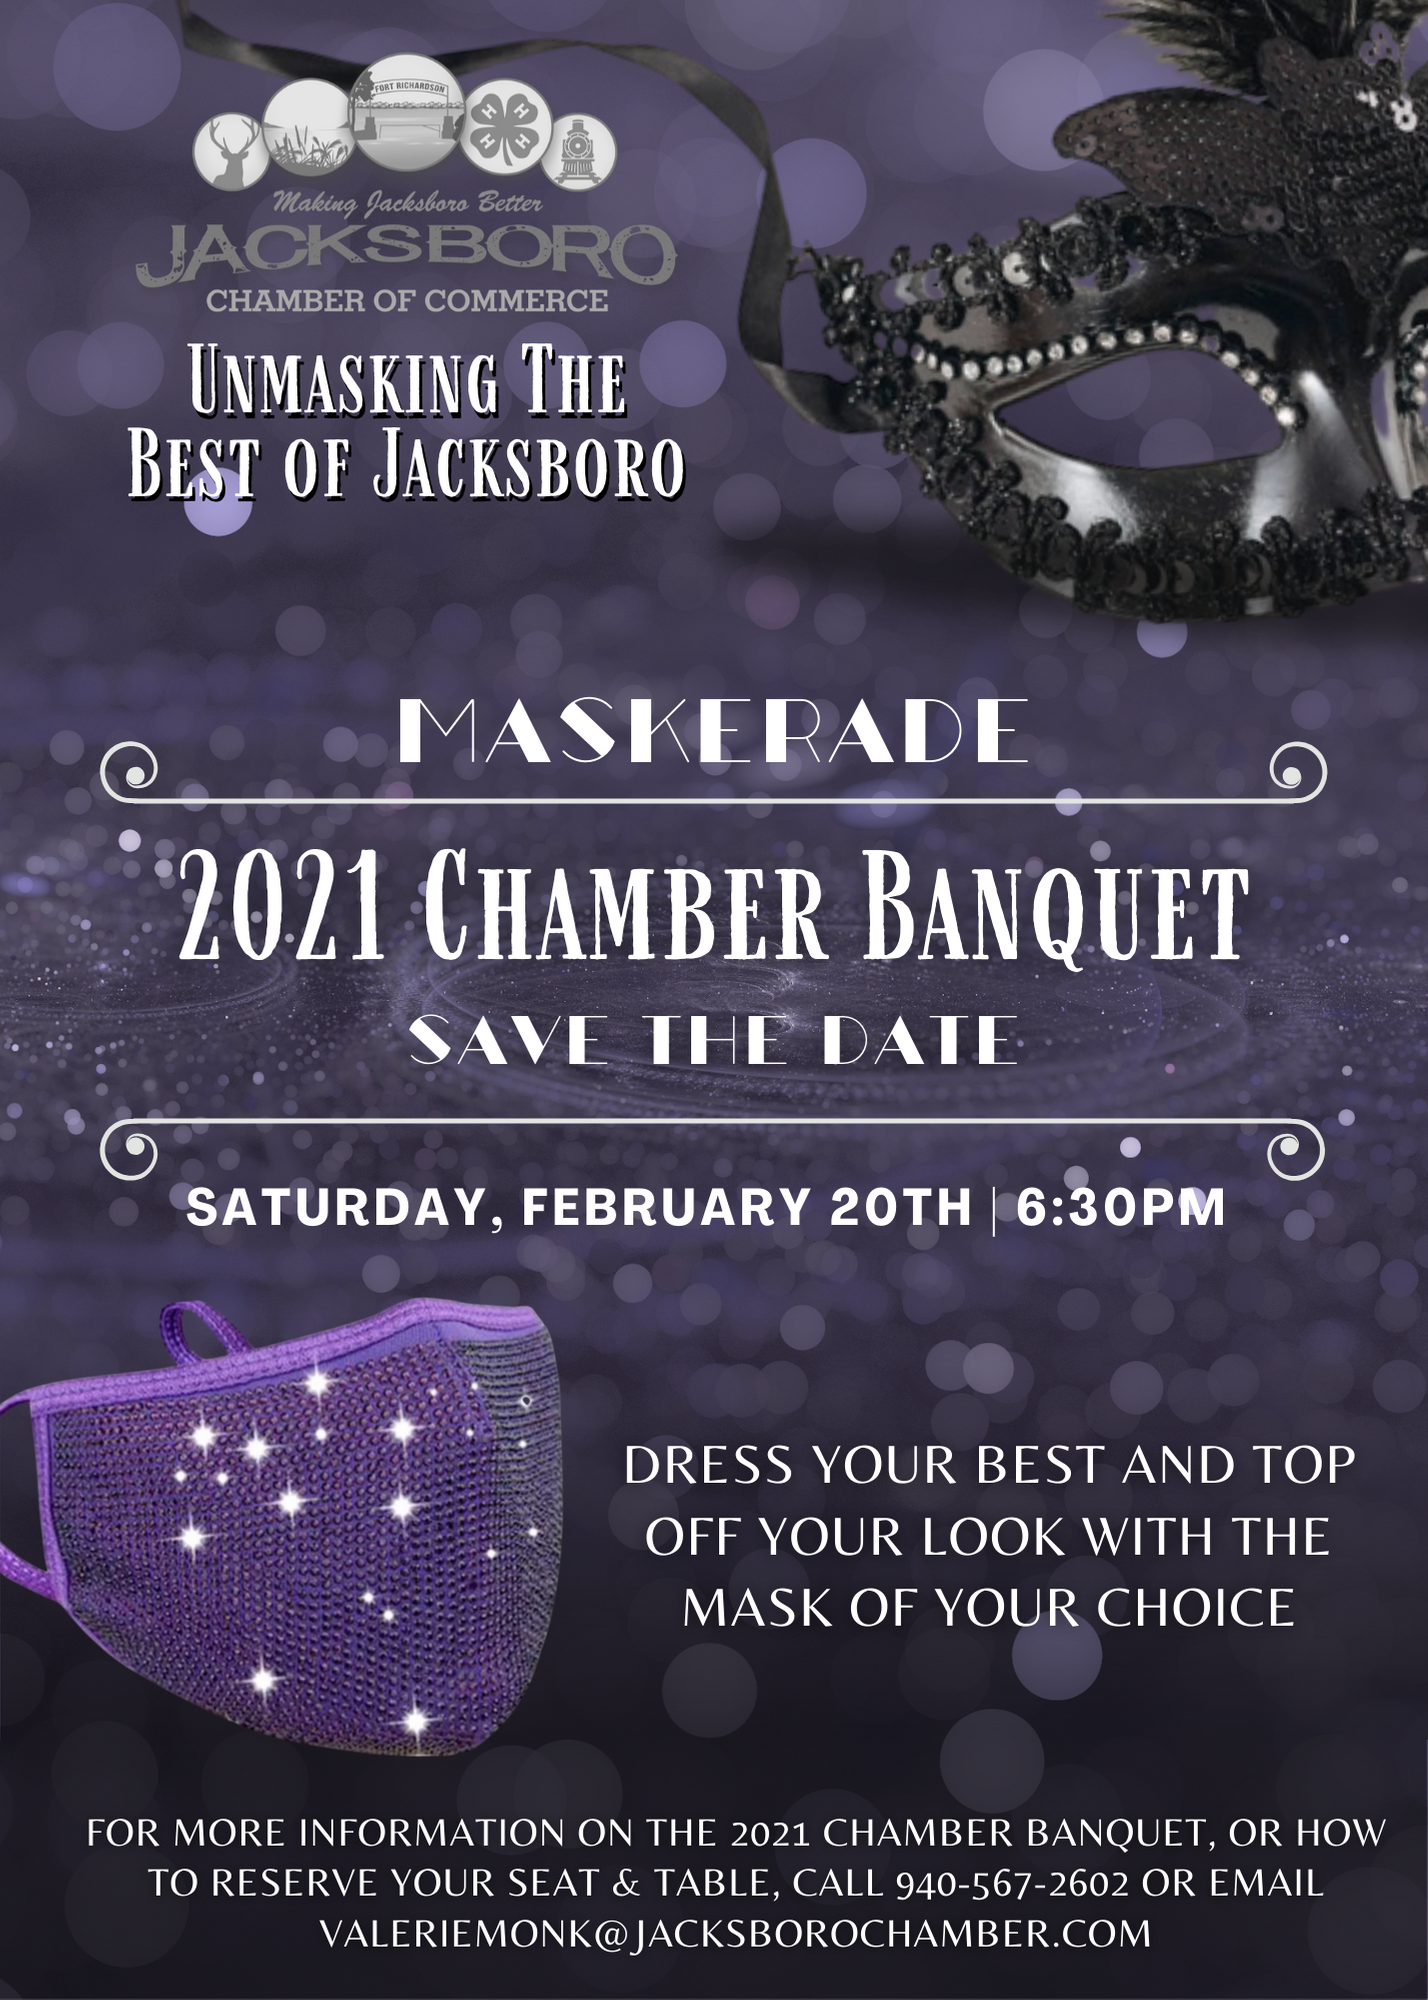 2021 Chamber Banquet